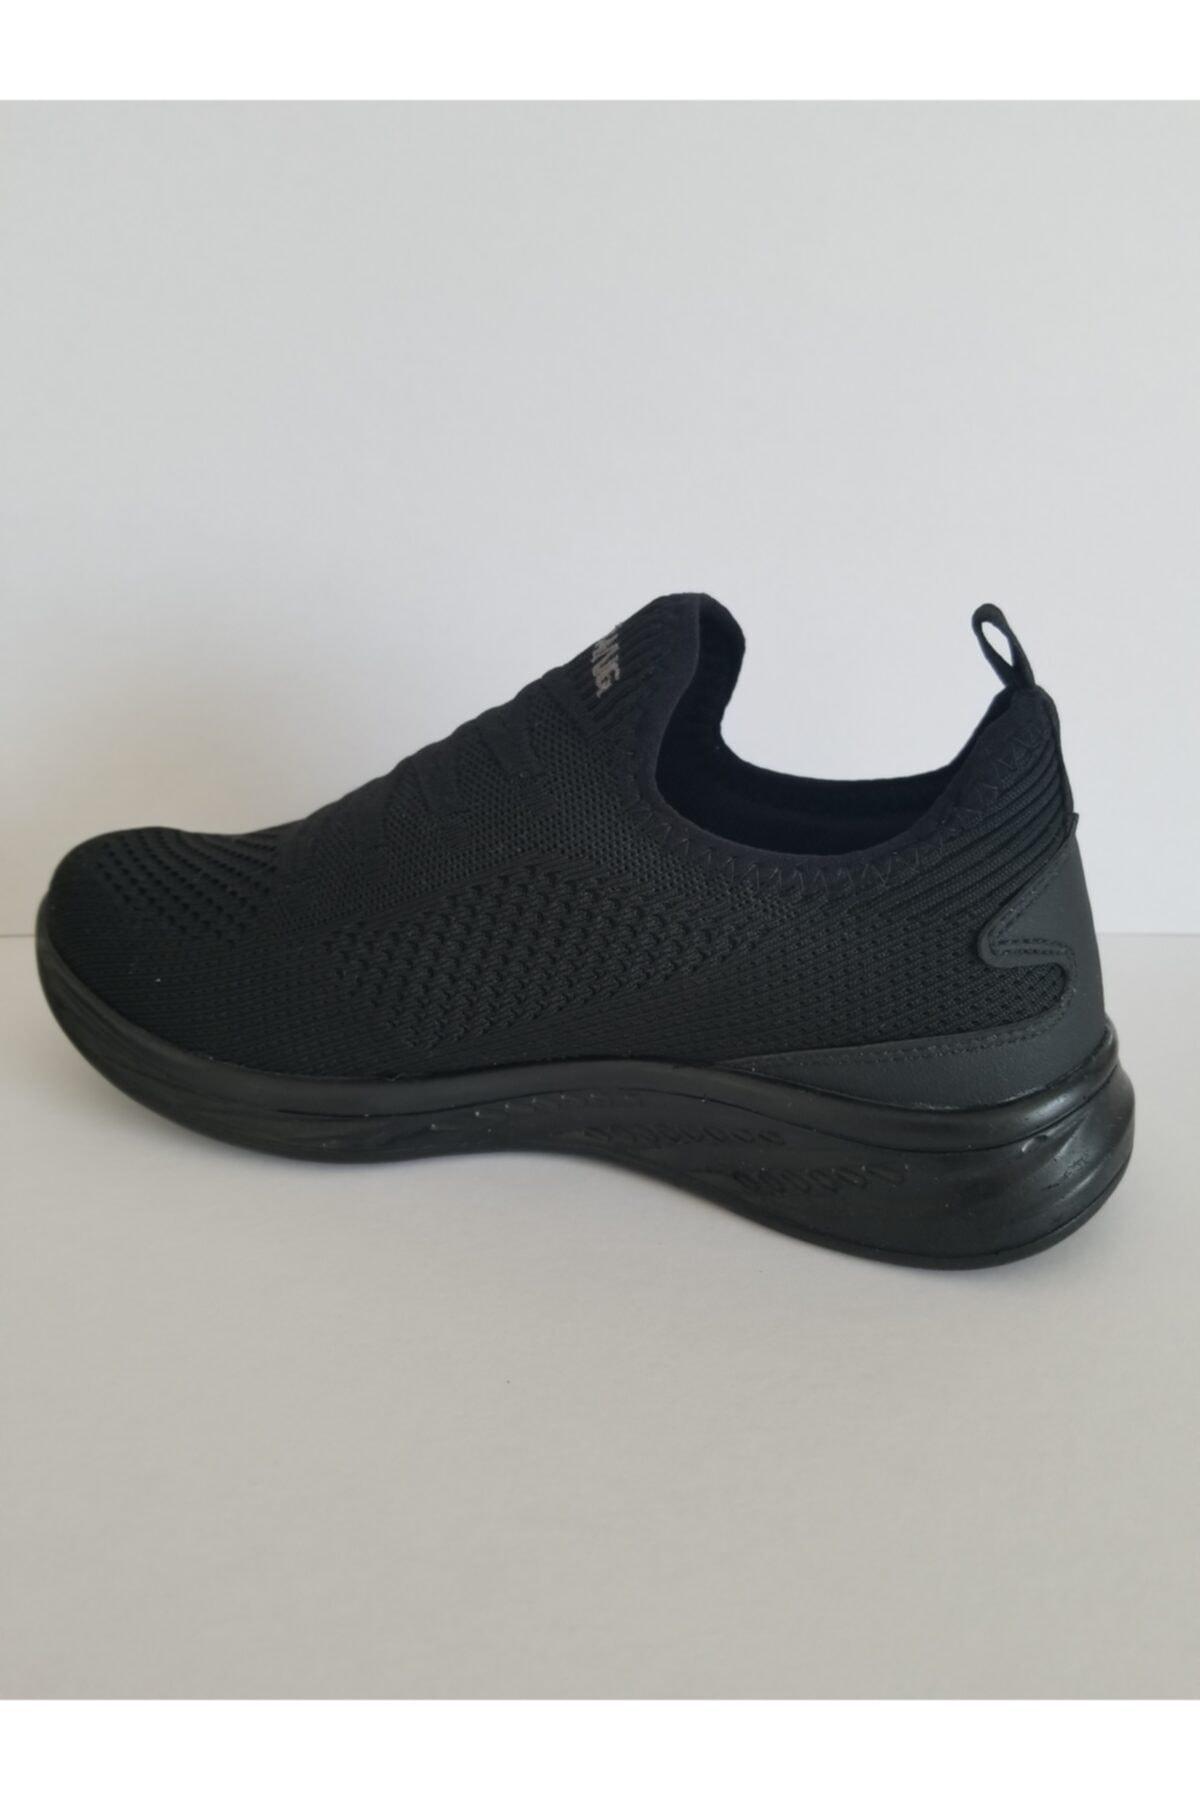 METROPOLL AYAKKABI %100 Ortapedik Bağsız Lastikli Yeni Sezon Erkek Yazlık Günlük Sneaker Spor Ayakkabı